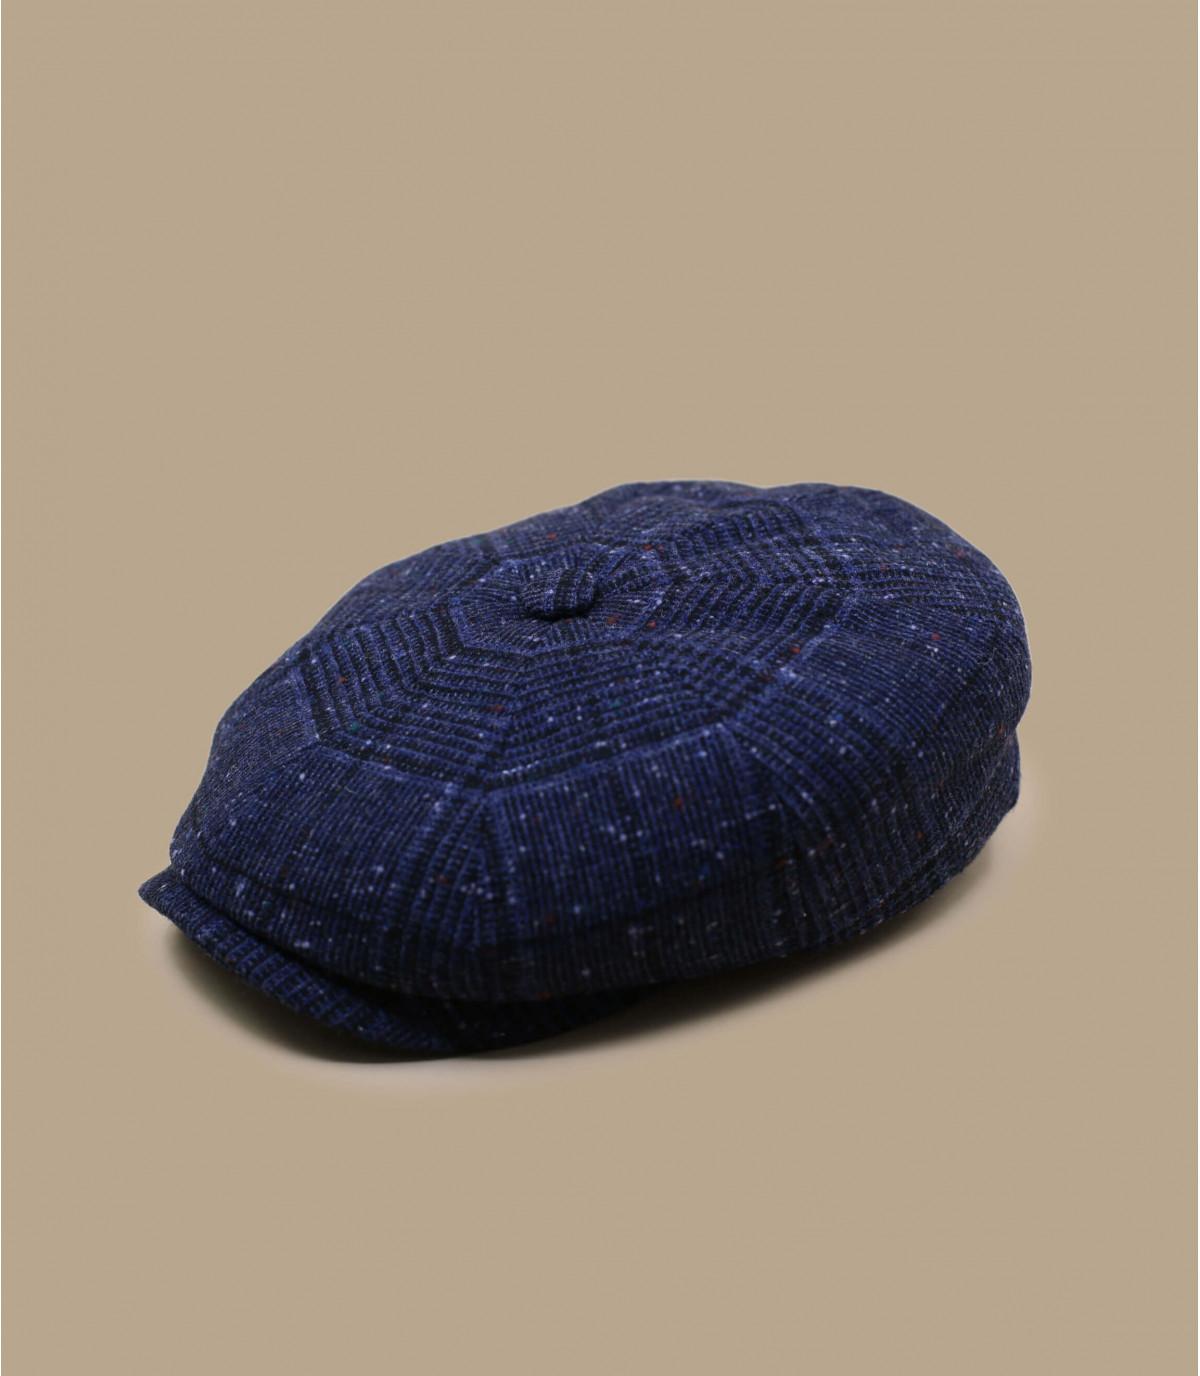 piastrella blu del cappuccio dello strillone